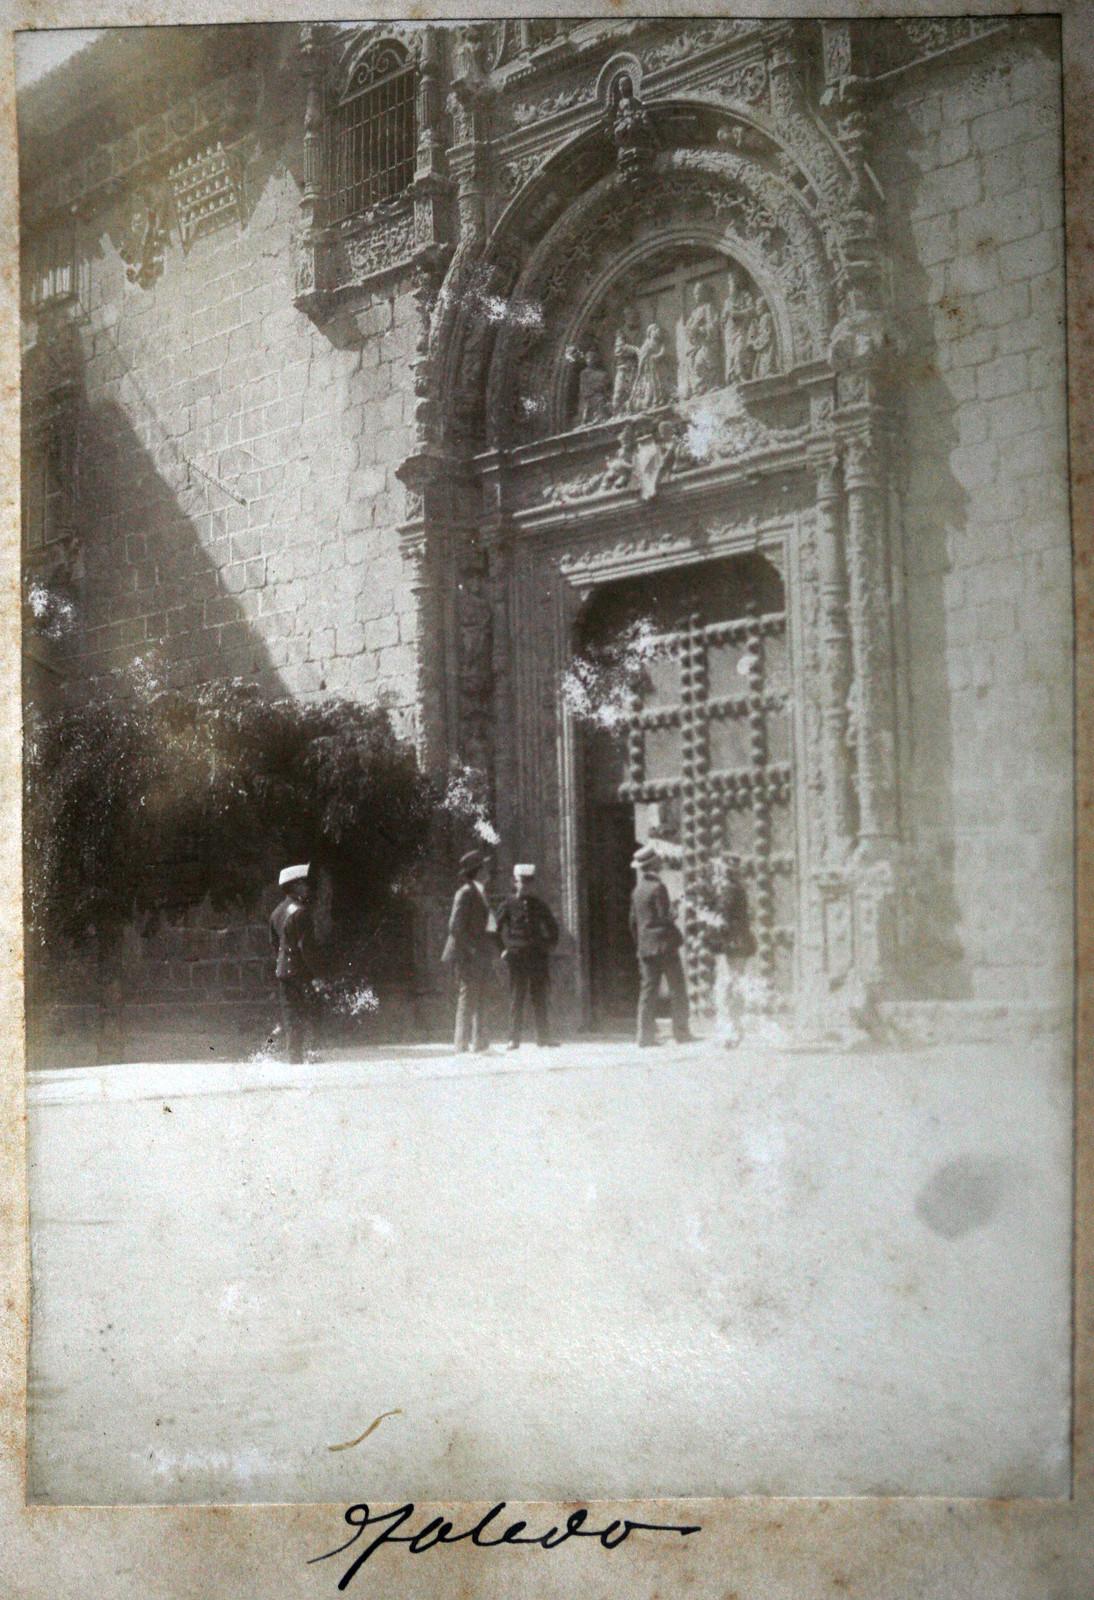 Hospital de Santa Cruz en Toledo en 1895. Fotografía de Ulpiano Checa. Coleción personal de Ángel Benito.